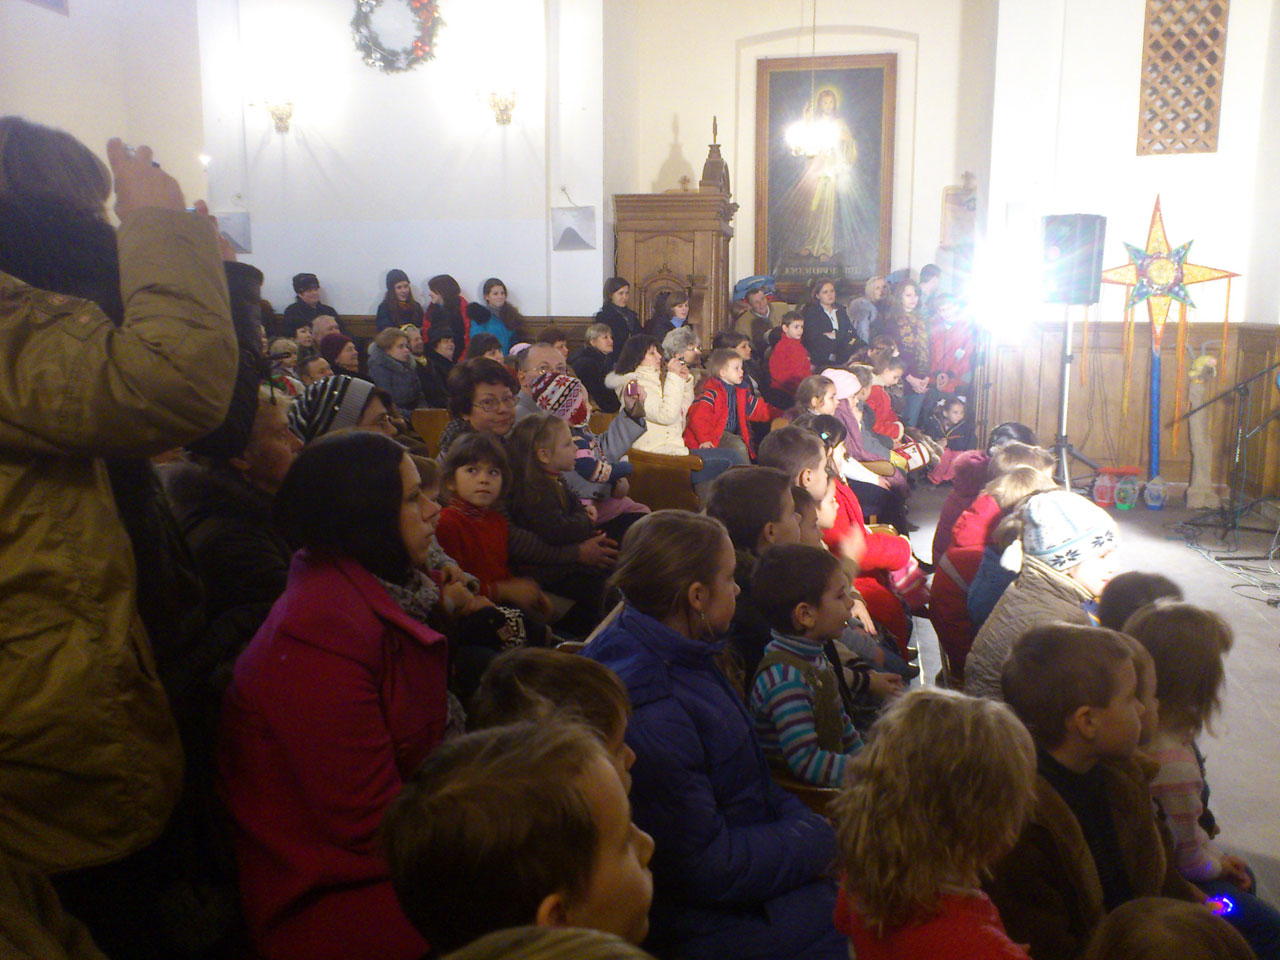 Zdjęcie zrobione podczas koncertu winnickiej Arki Noego 09 stycznia br